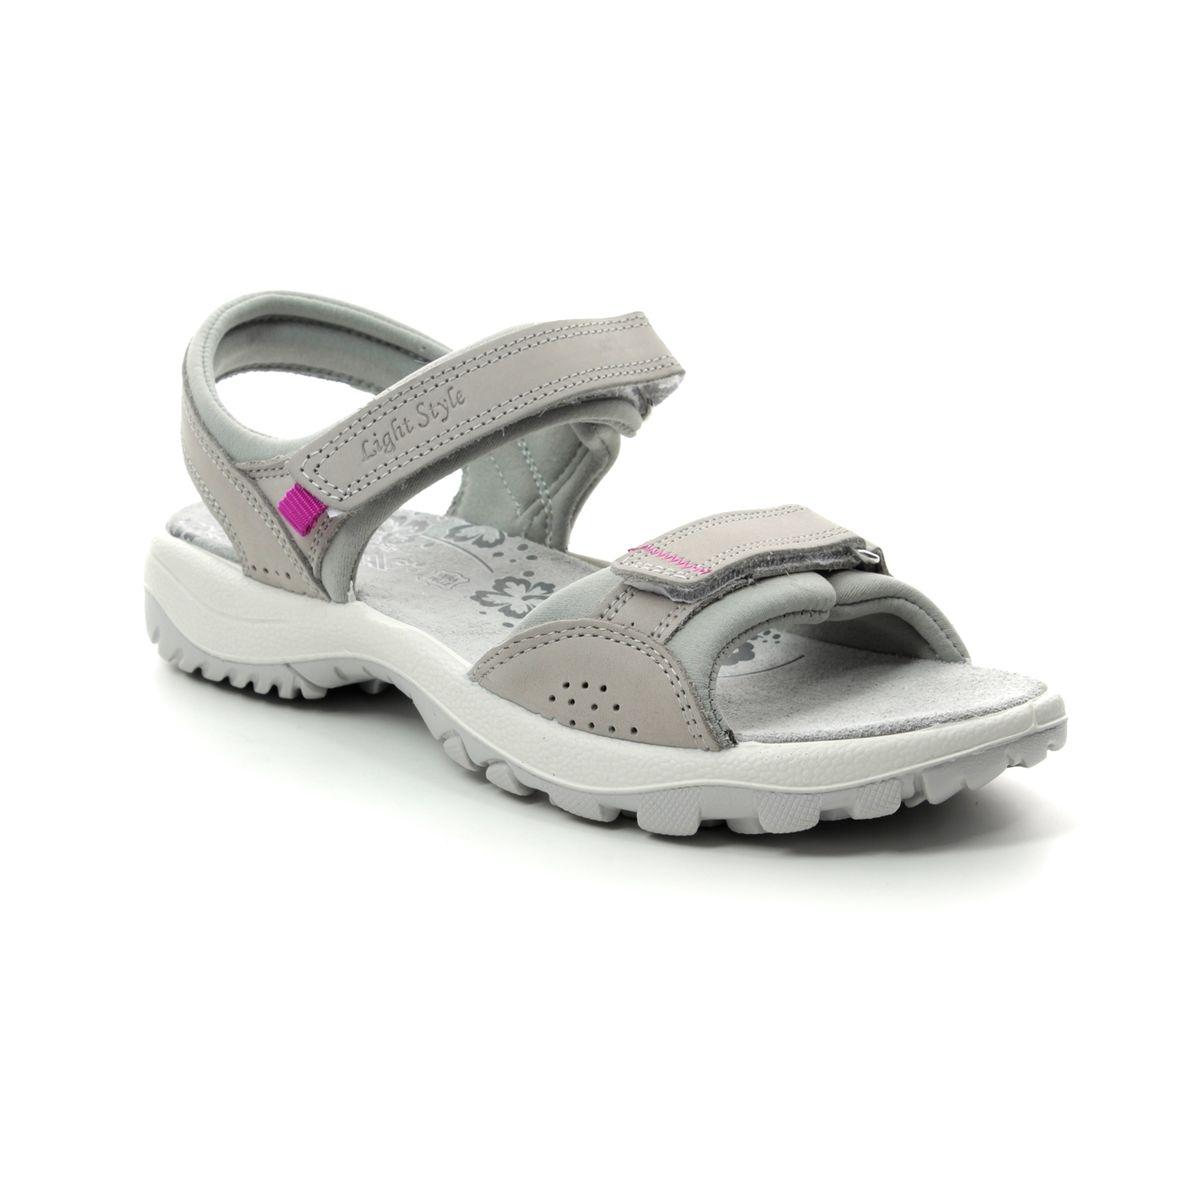 fe0726ec1ec9d IMAC Walking Sandals - Light grey - 9620/3057018 LAKES